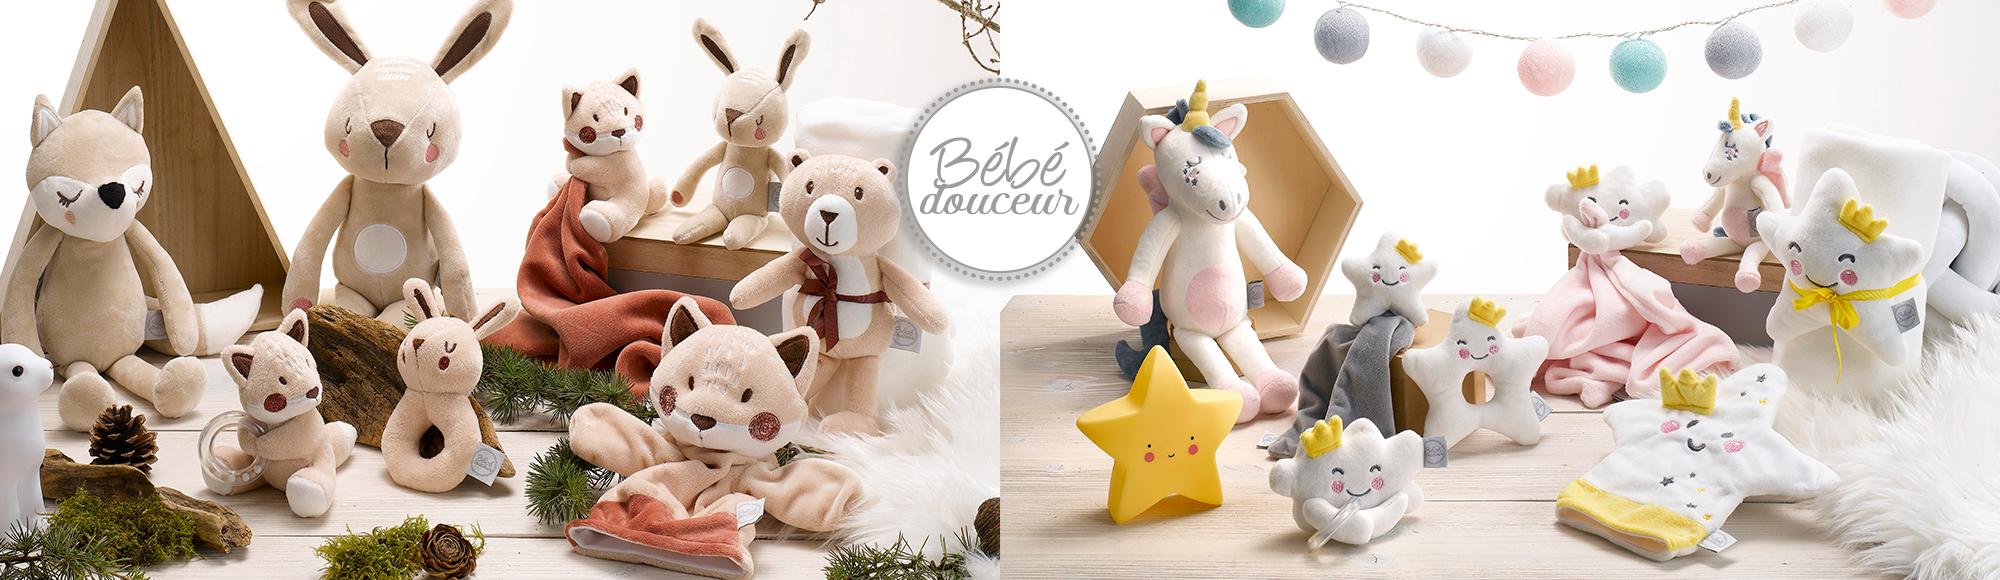 U10 - Fournisseur en décoration d'intérieur - marque bebe douceur - doudou bebe - puericulture